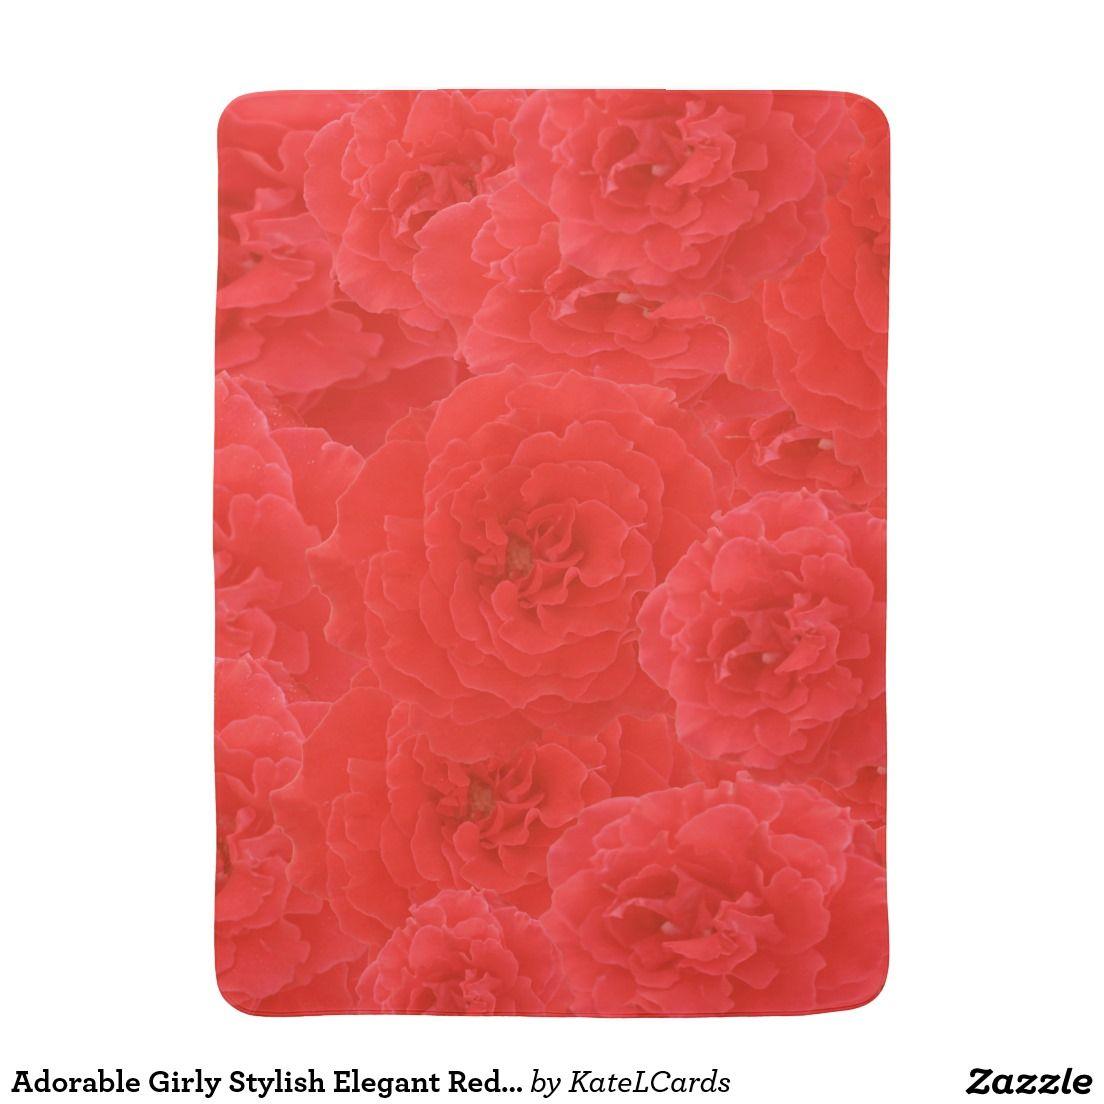 Adorable Girly Stylish Elegant Red Rose Swirl Stroller Blanket